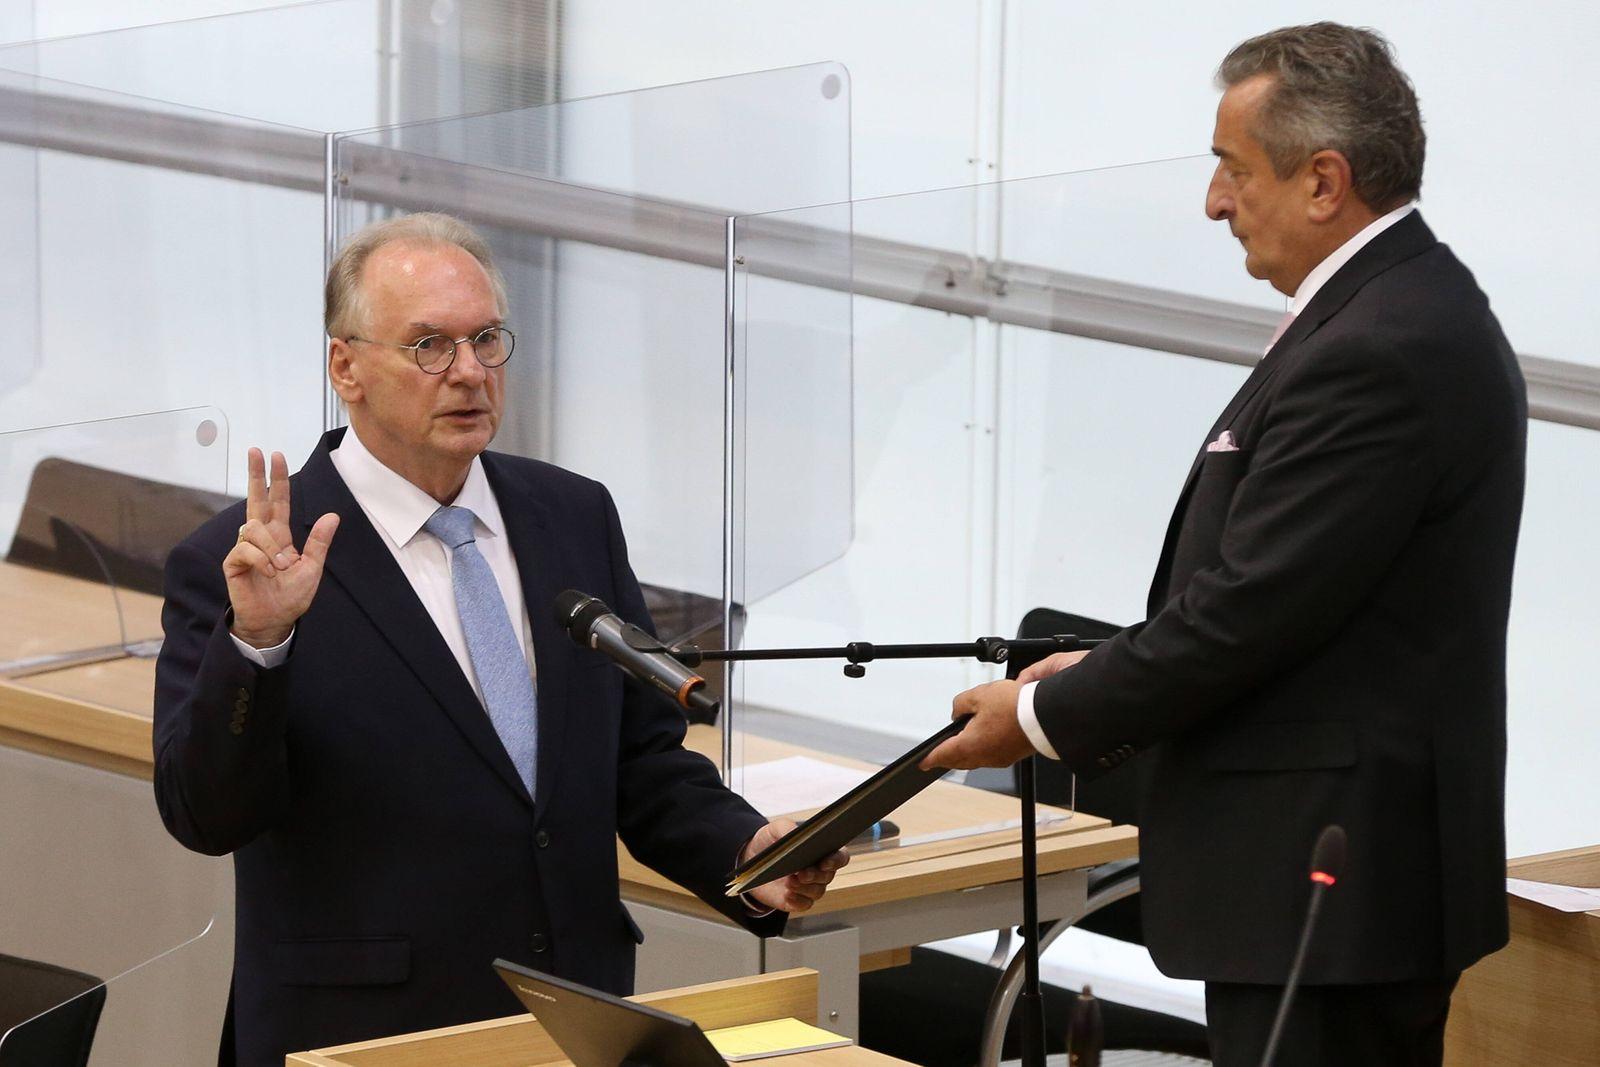 xtgx, Politik, Plenarsitzung des Landtages und Wahl des Ministerpraesideten, Vereidigung von Reiner Haseloff Magdeburg *